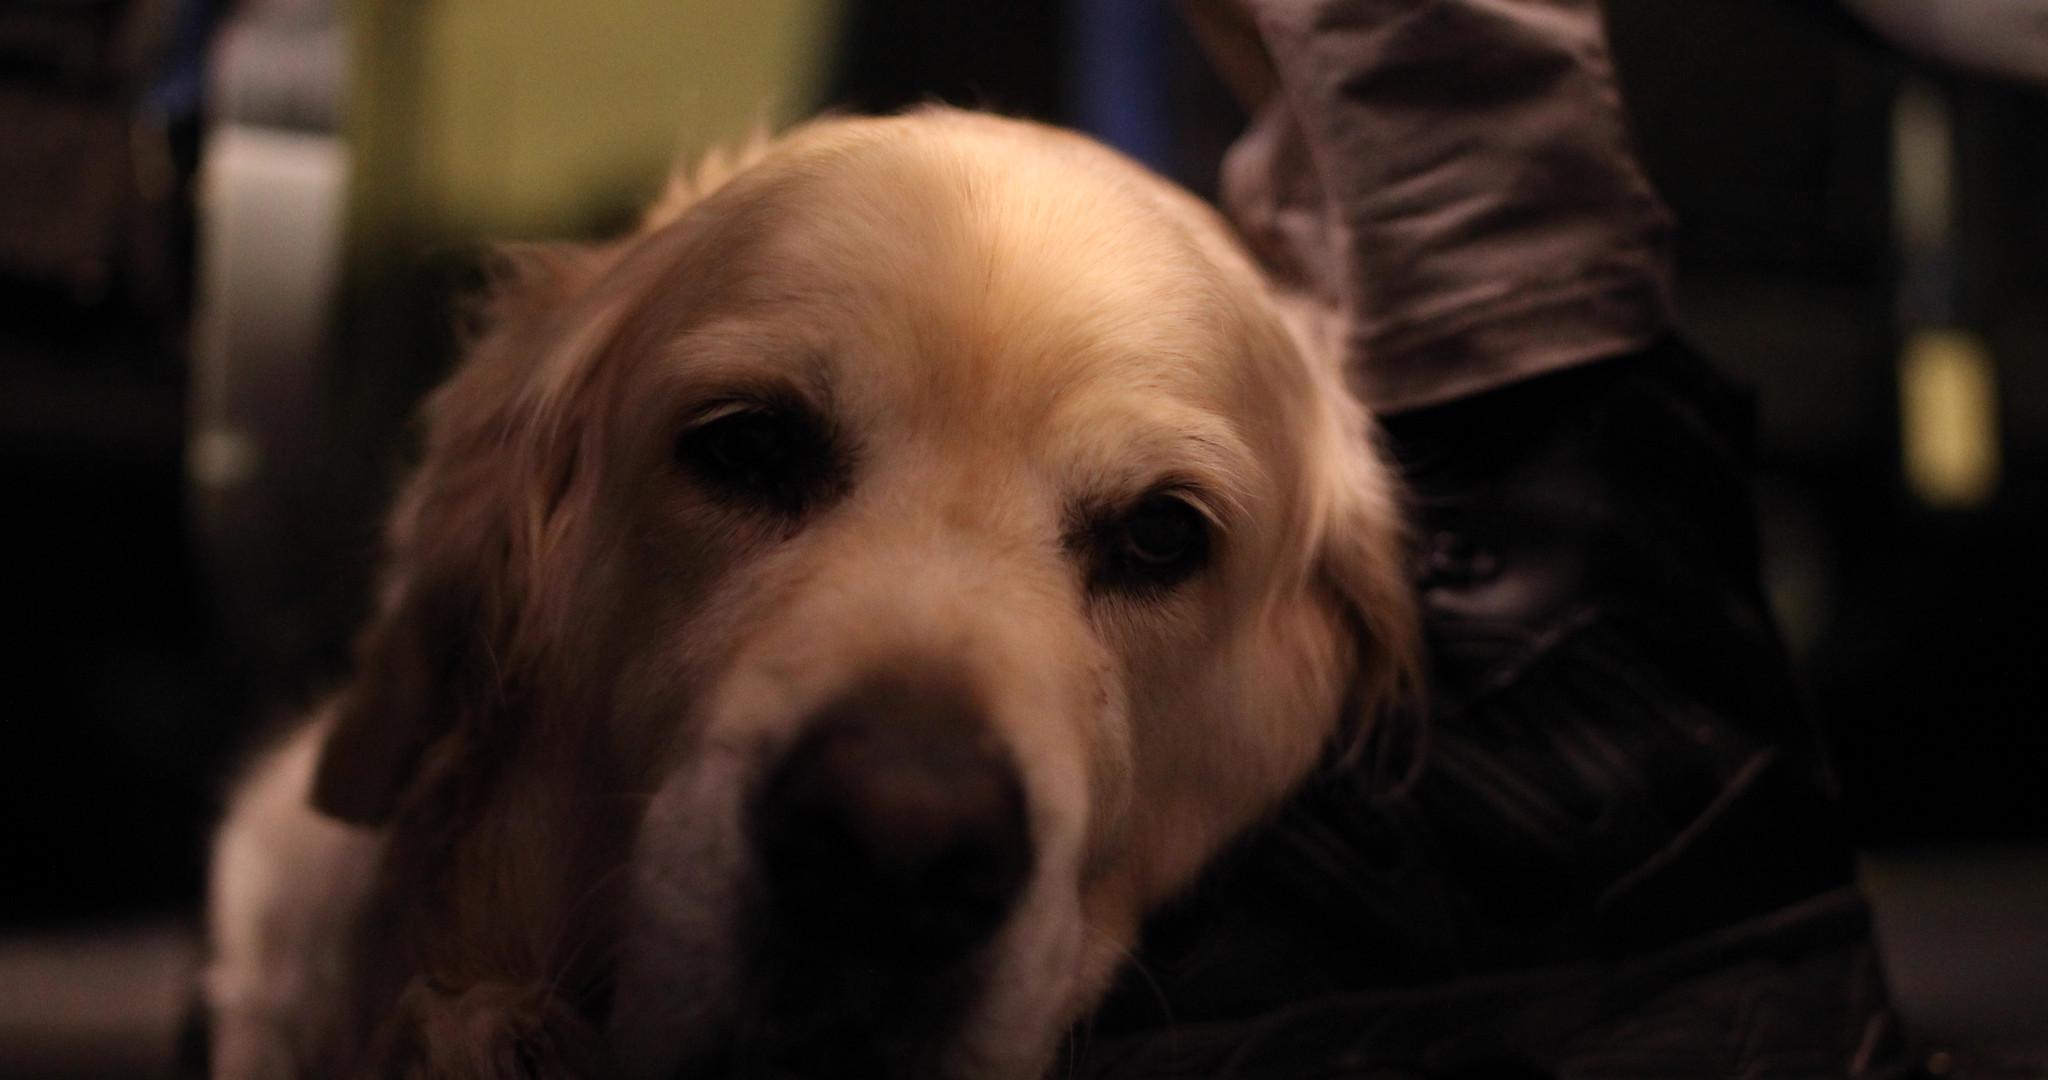 DOG FACE.jpeg